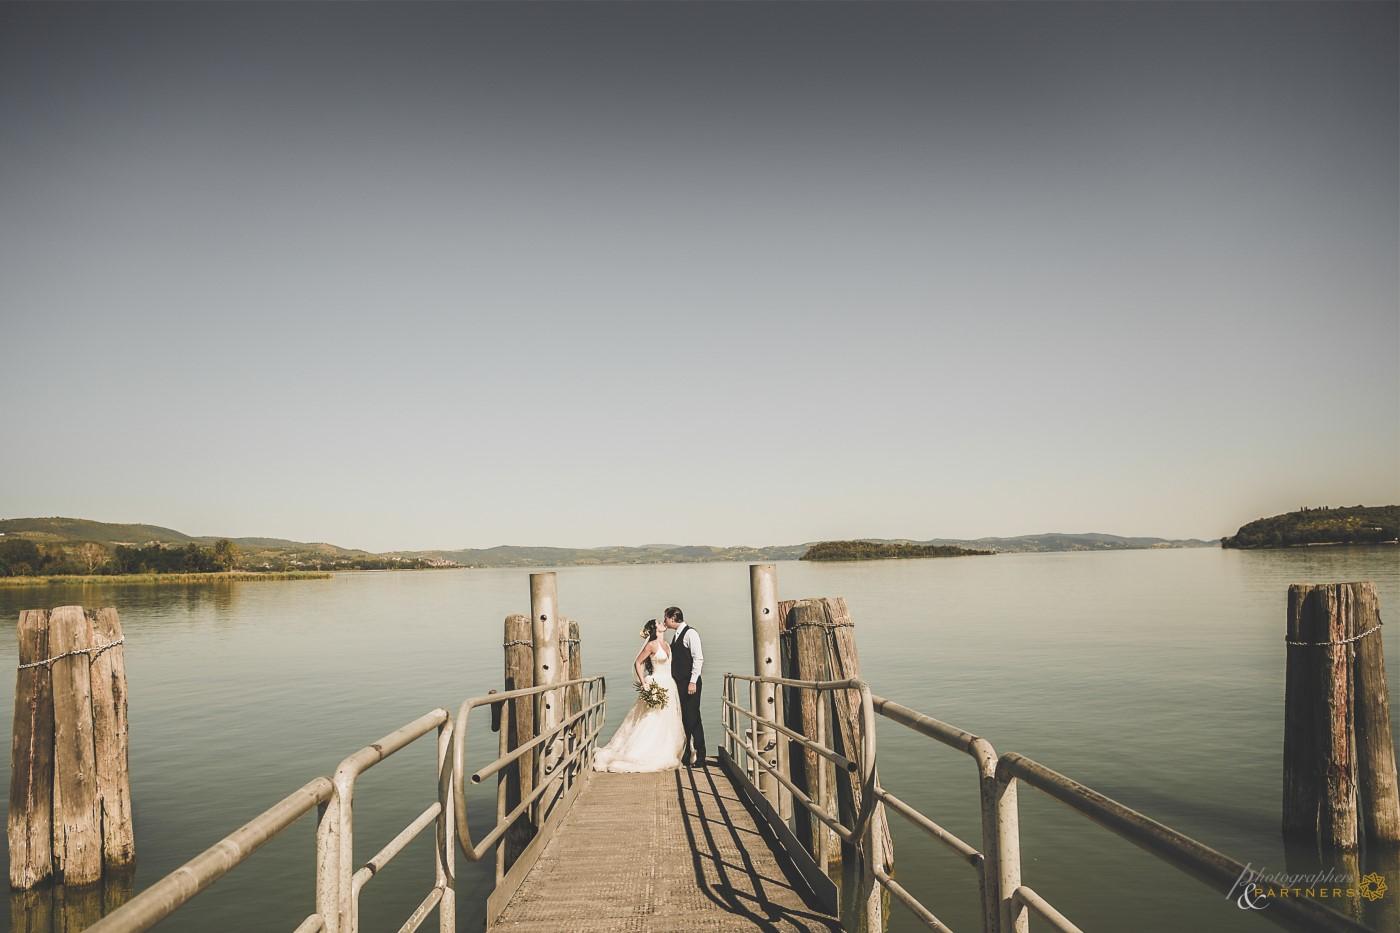 A kiss to the lake 💋